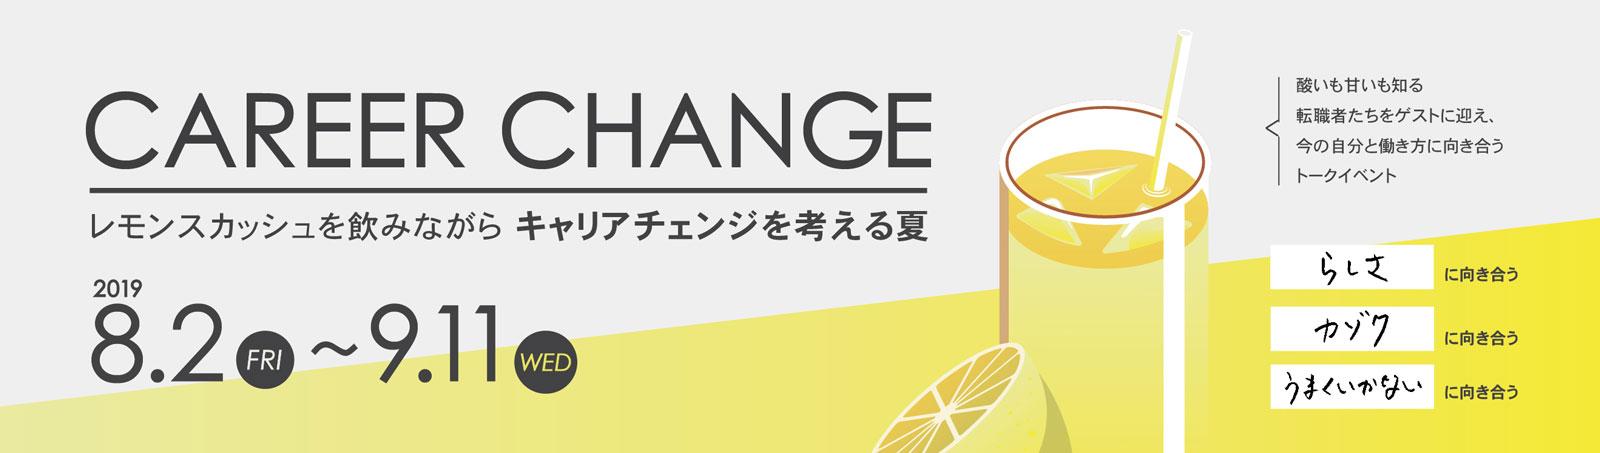 レモンスカッシュを飲みながらキャリアチェンジを考える夏